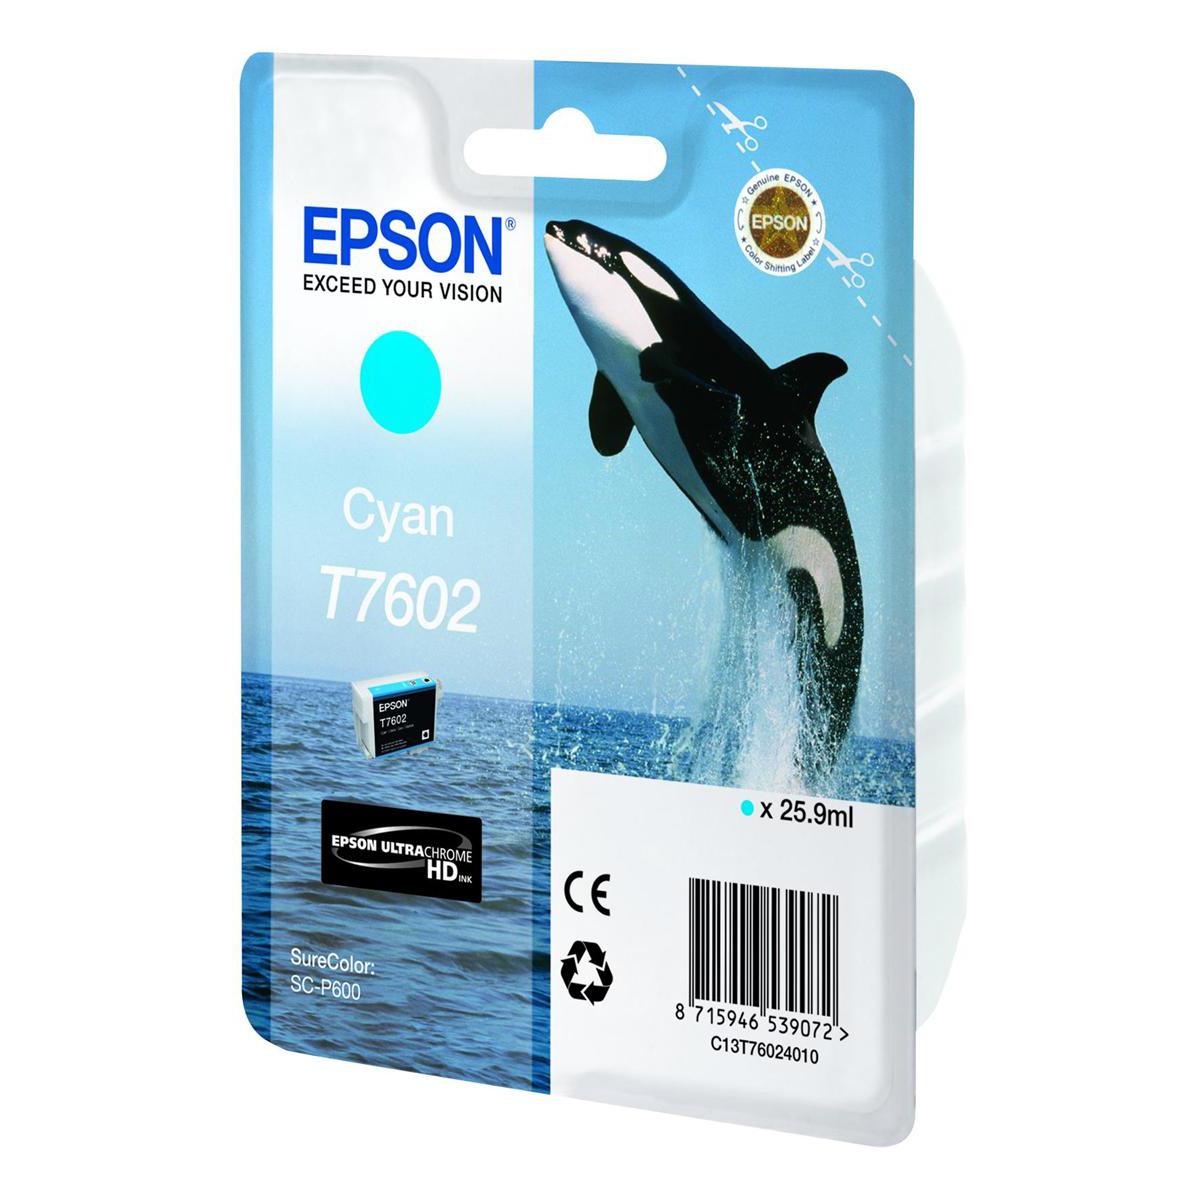 Epson T7602 Inkjet Cartridge Killer Whale Page Life 2200pp 25.9ml Cyan Ref C13T76024010